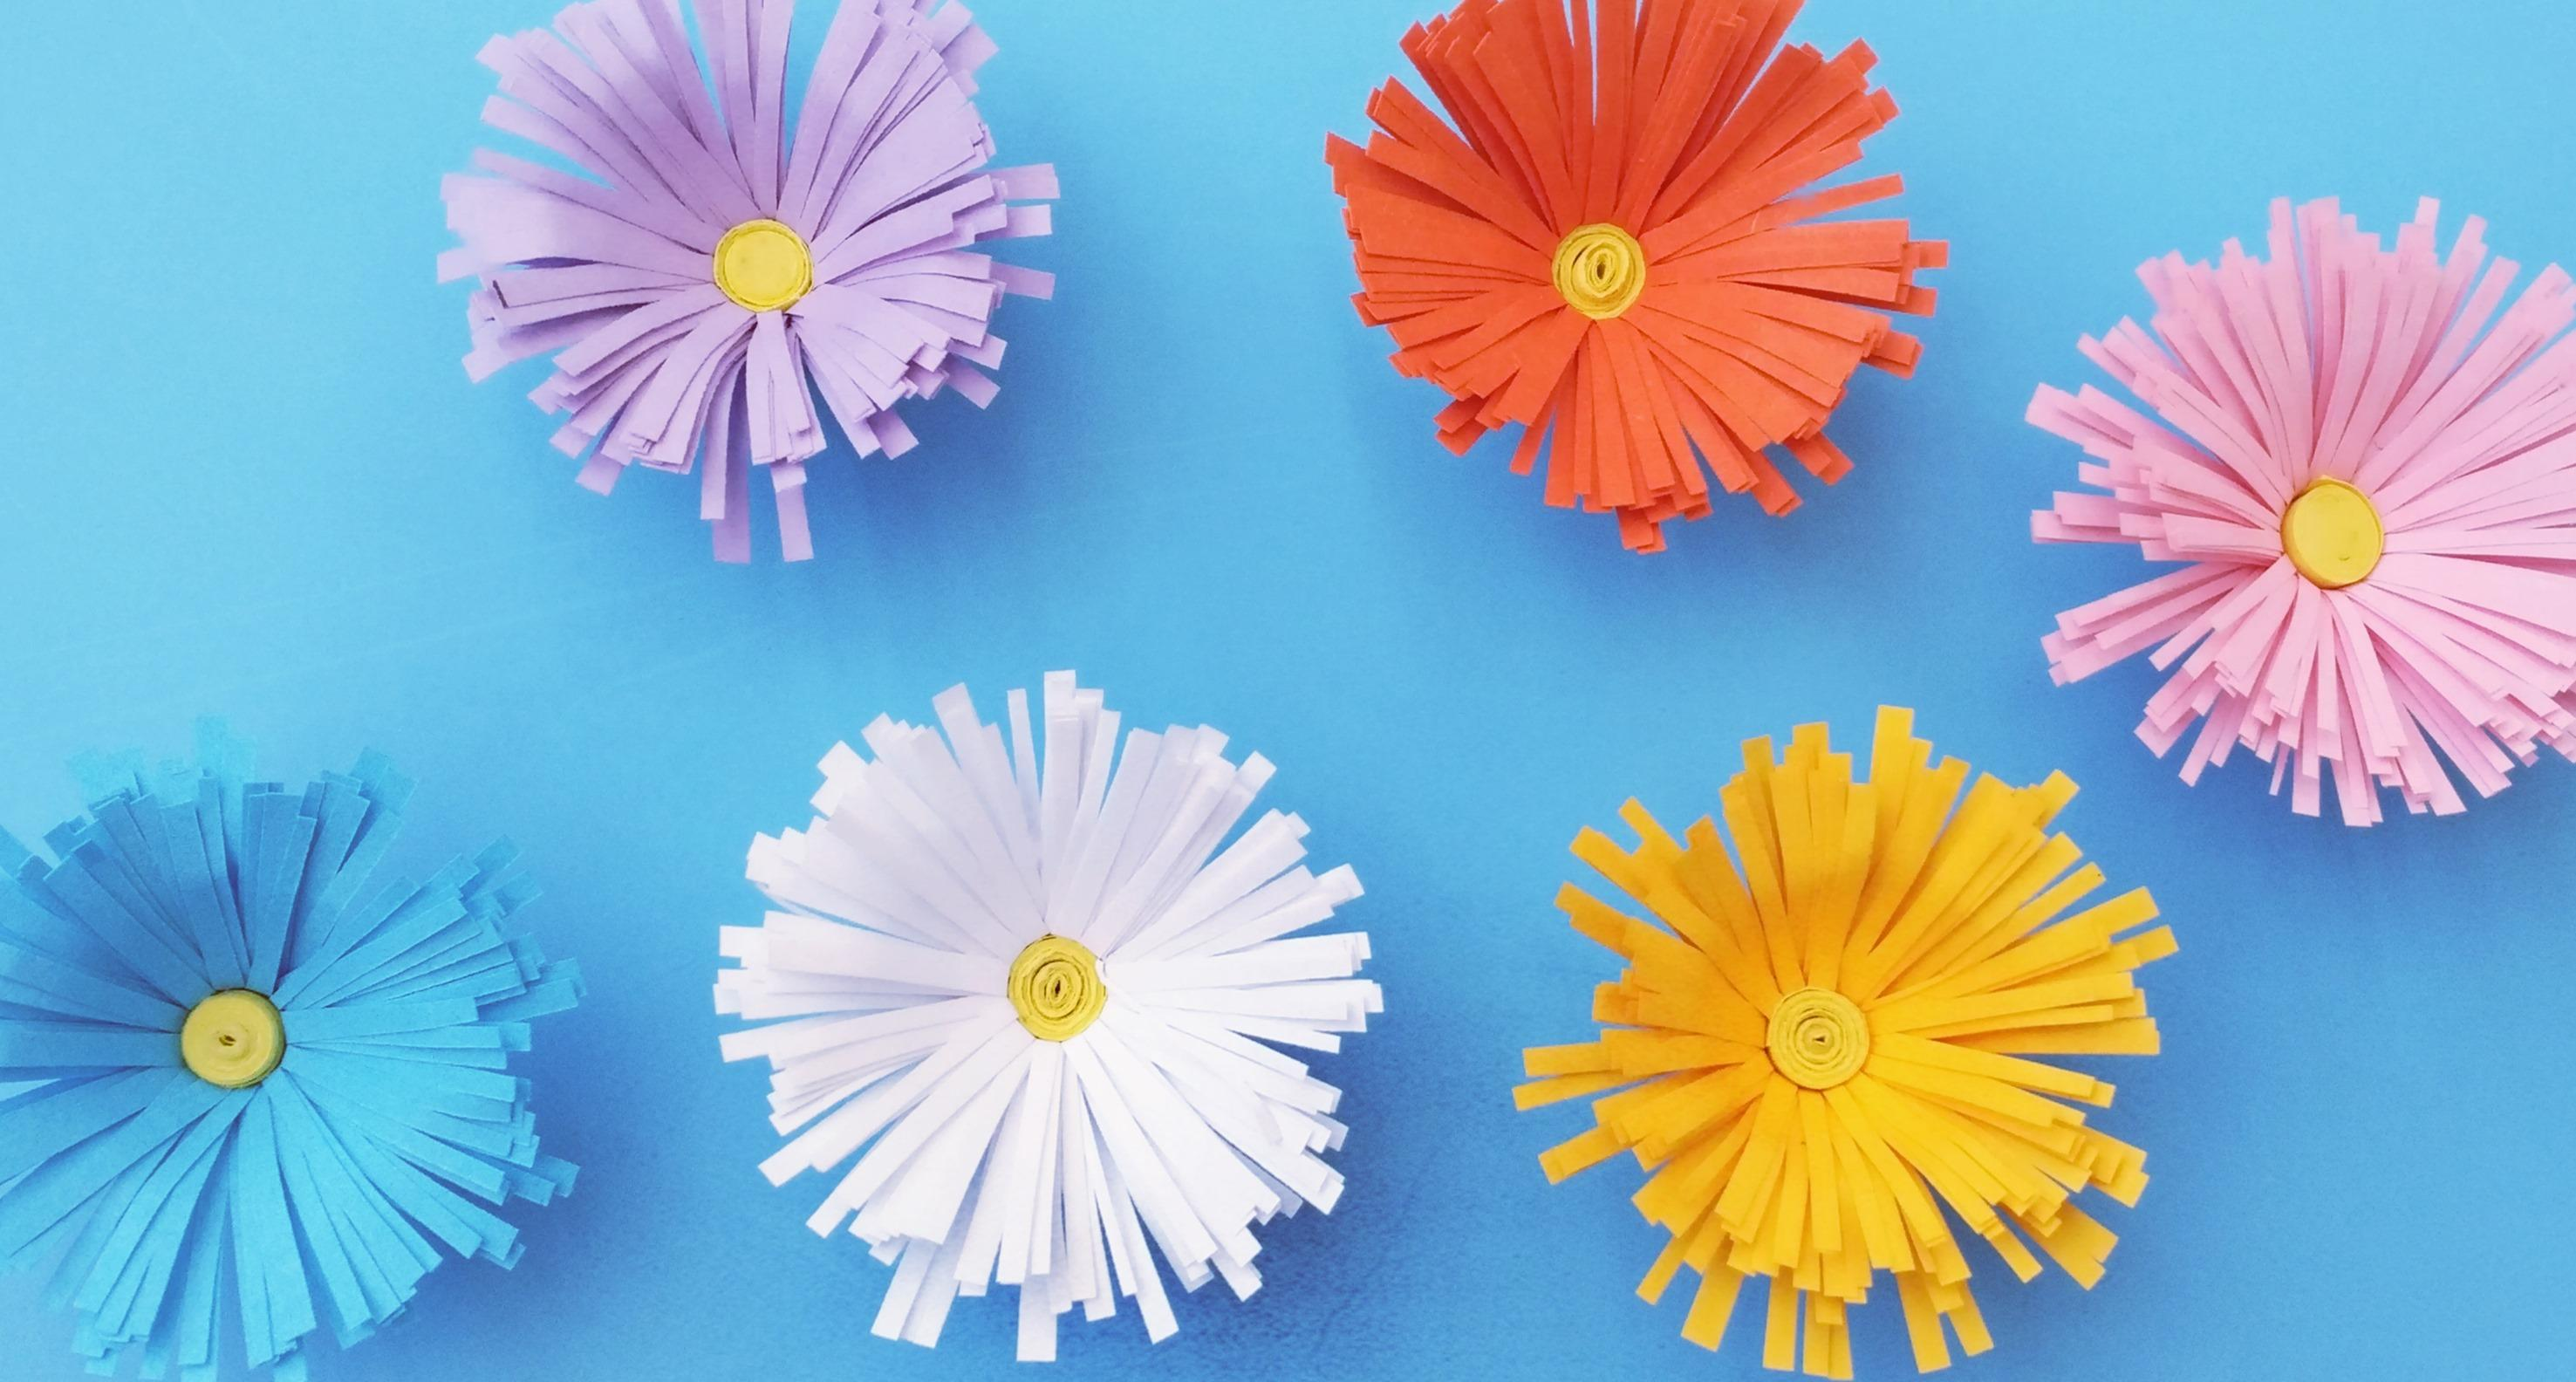 最简单花边剪纸图案:简单手工剪纸花边连边:心形花边